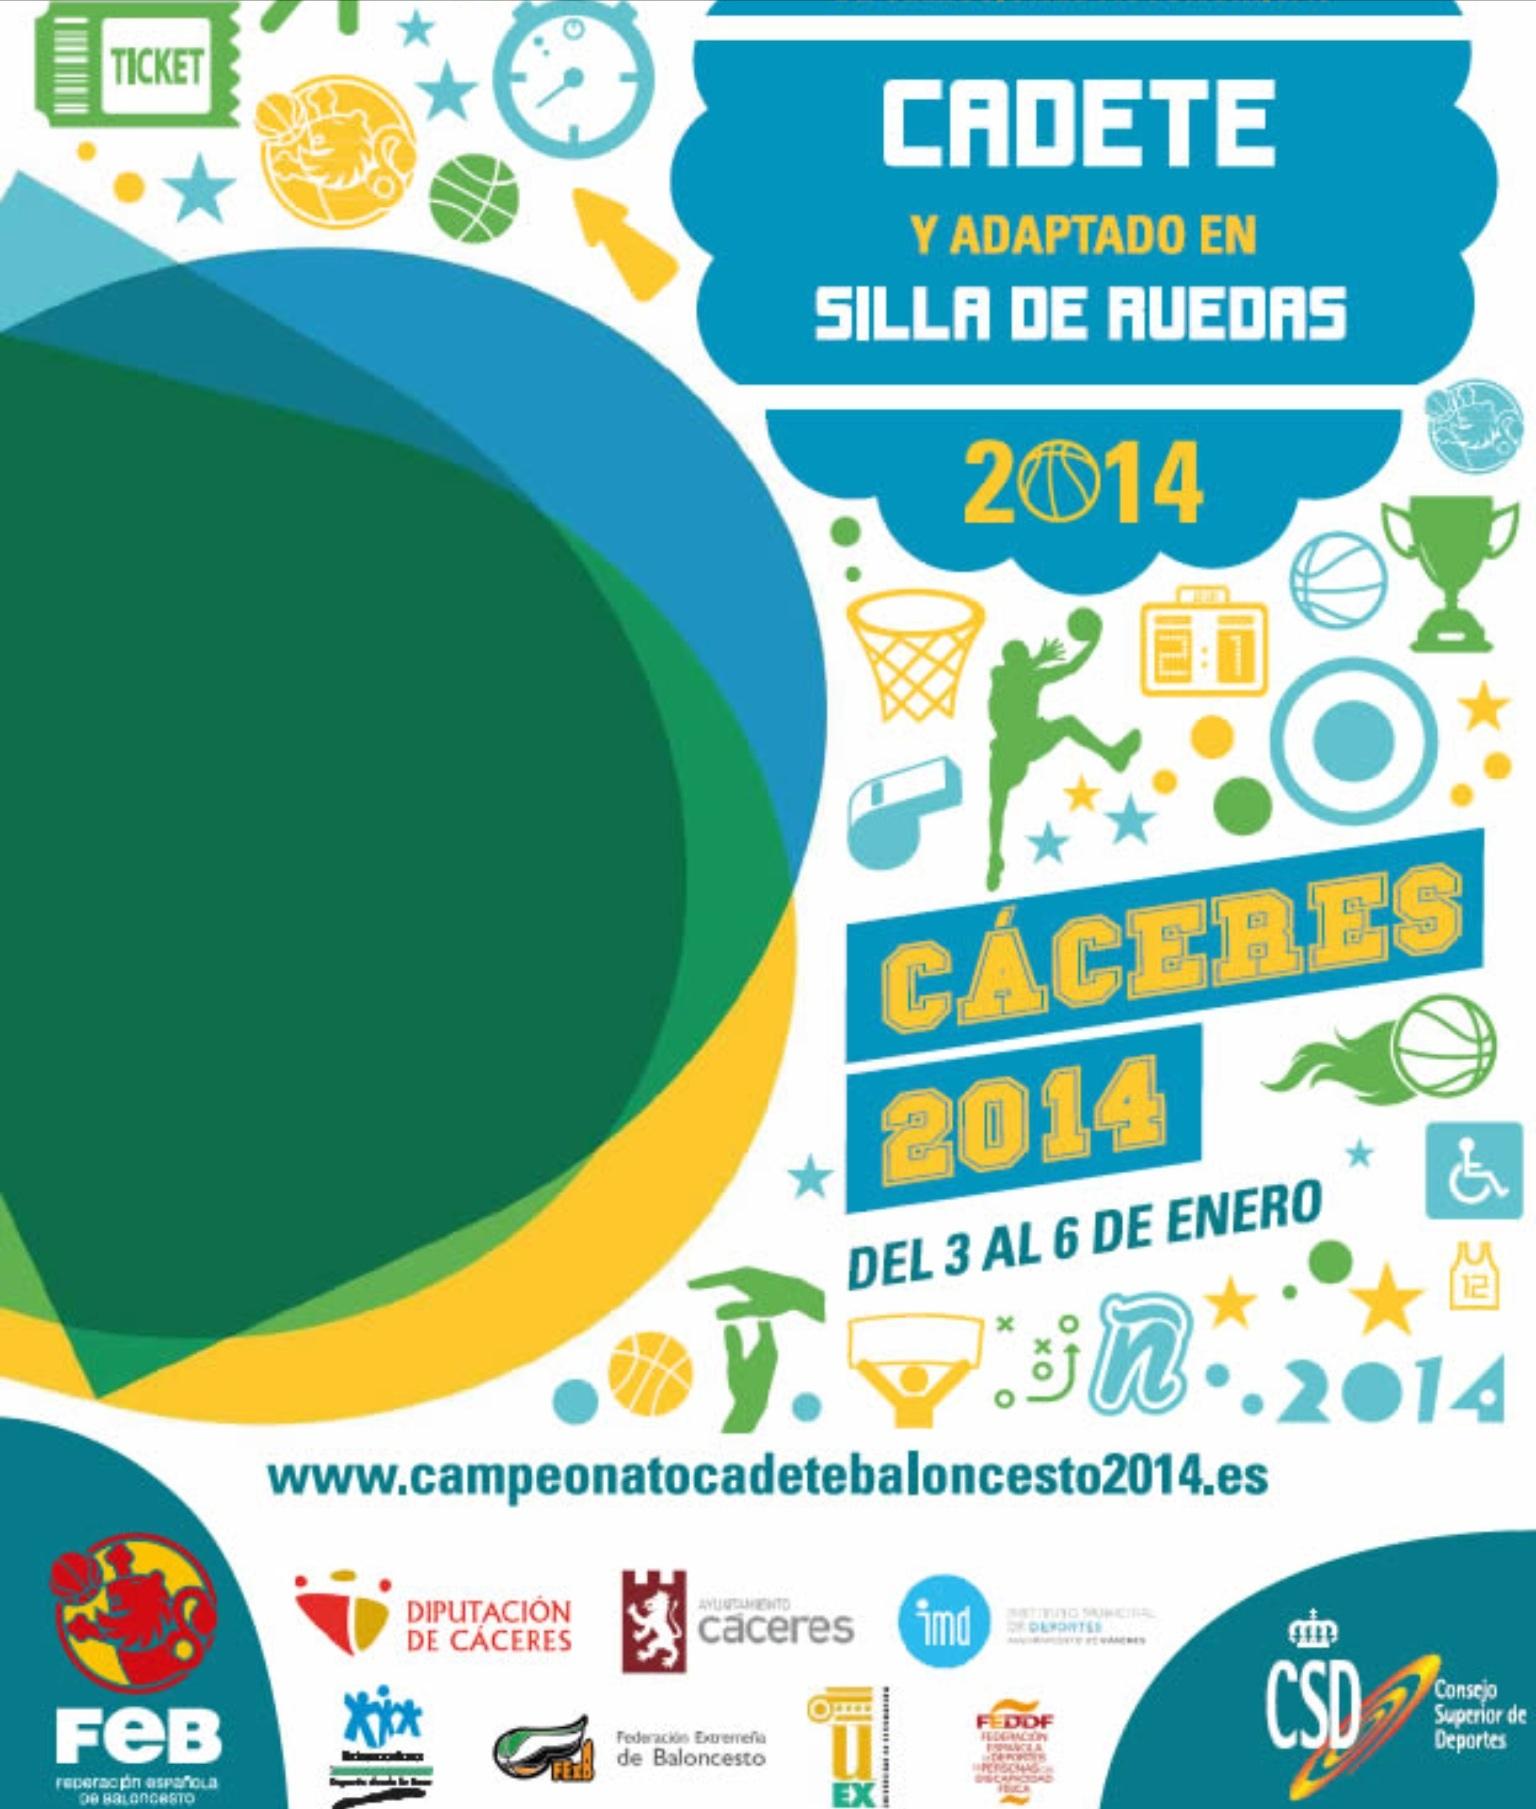 La selección madrileña de BSR en edad escolar ya está entrenando para el próximo Campeonato de España por CCAA